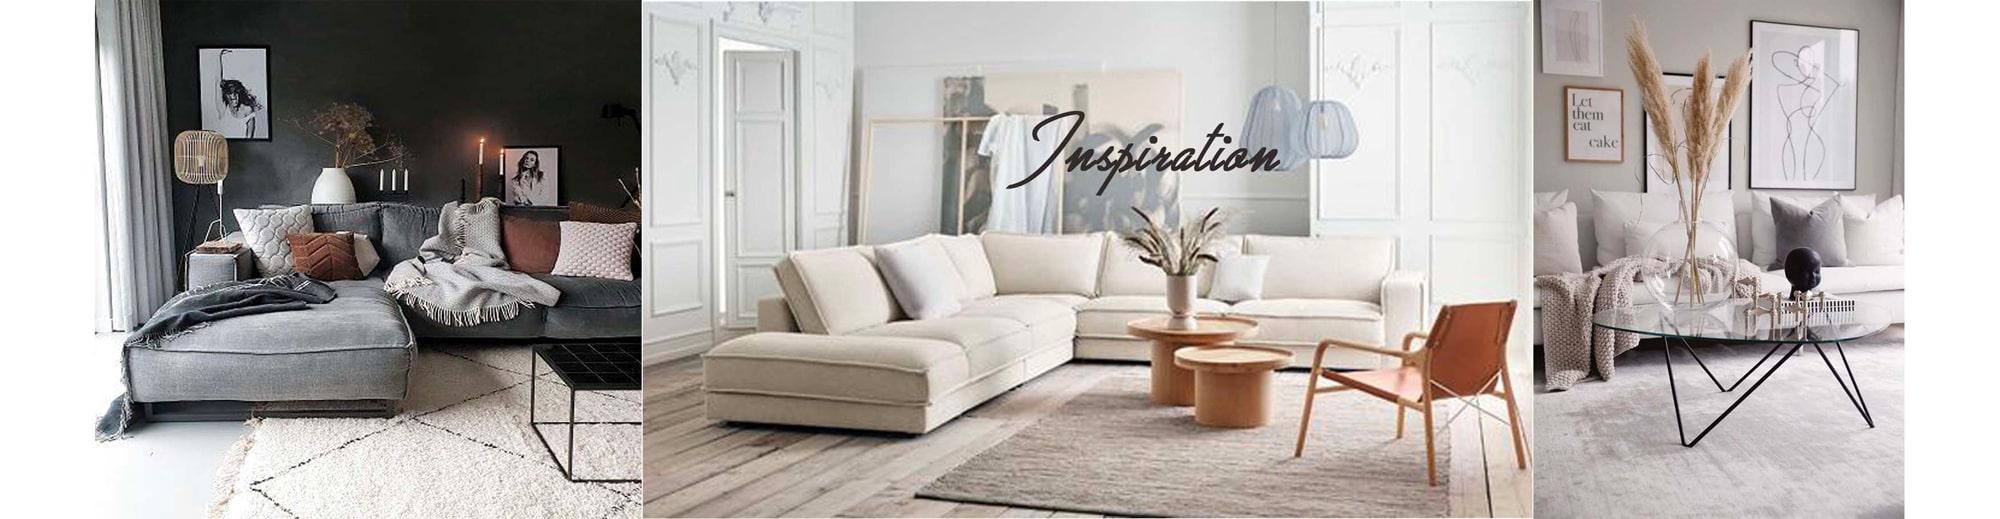 cdlp design interieur, interior designer, architecture interieur, design interieur, decoration interieur, massongex, acquisition sur plan, choix des matériaux, agencement mobilier, couleurs sombres, teintes beiges